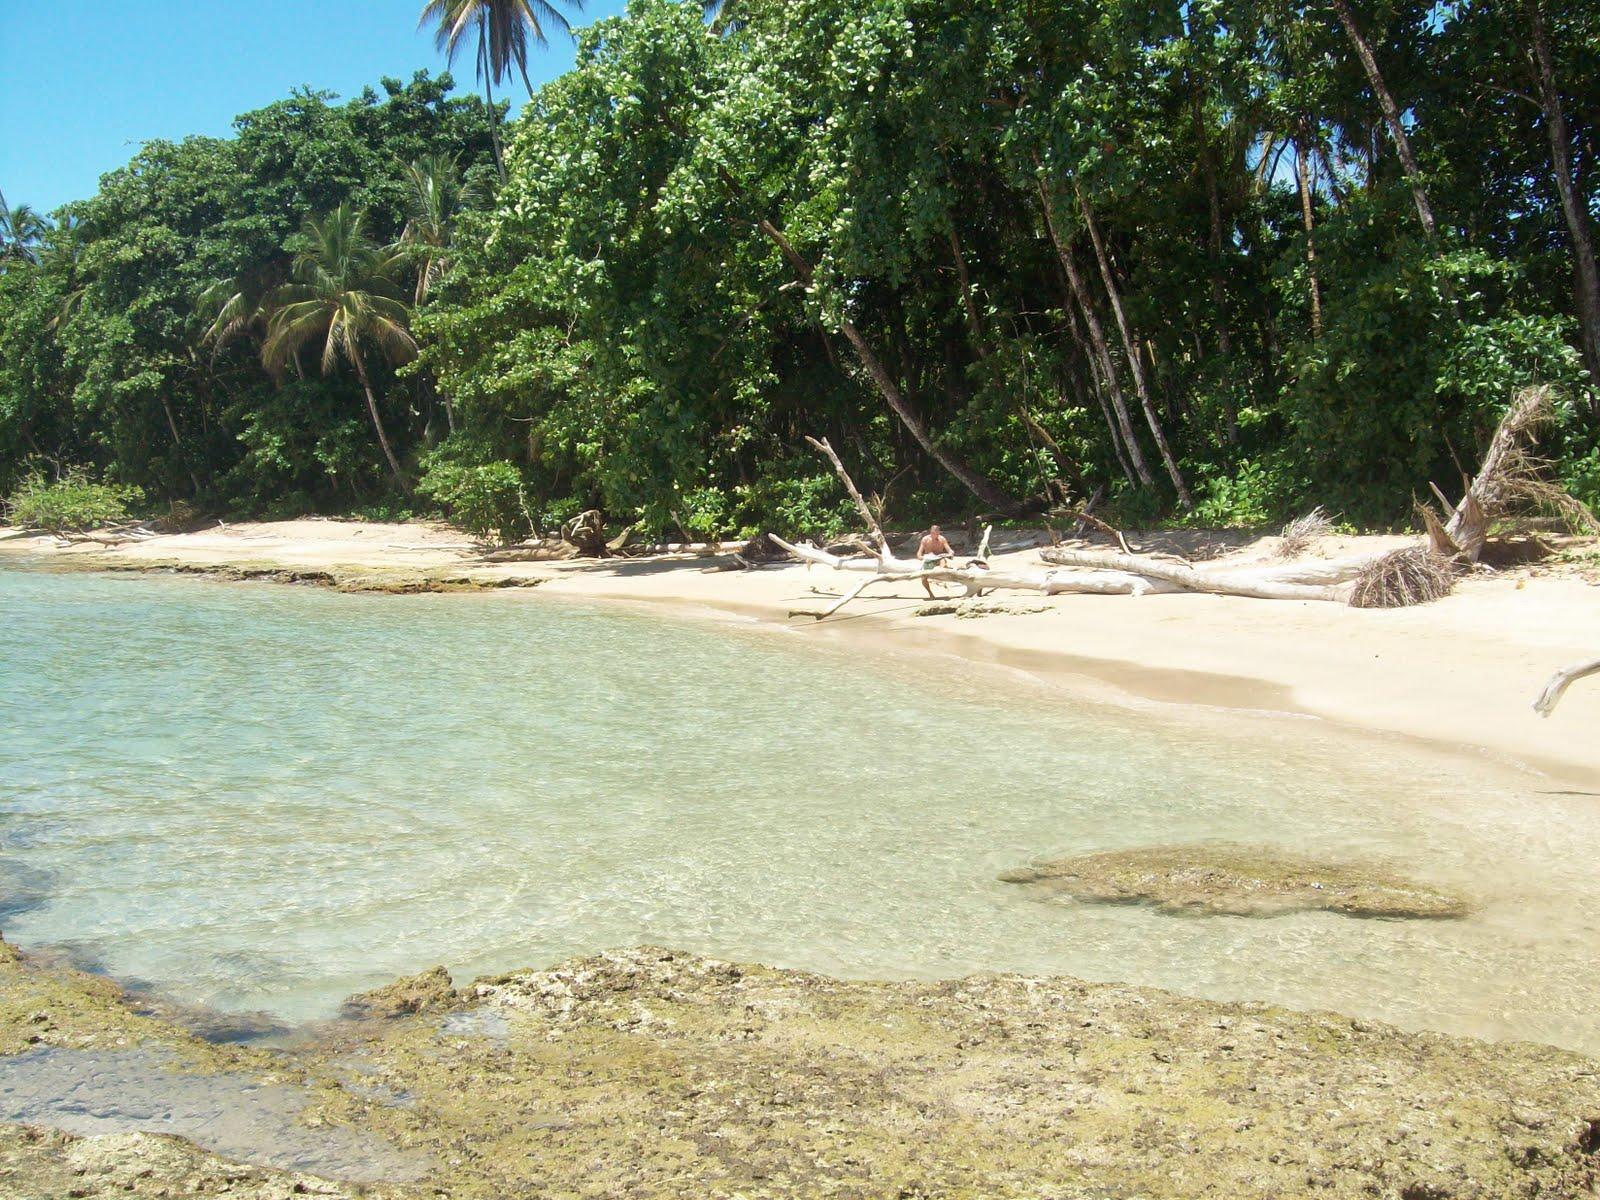 La tua casa al caribe benvenuti in costa rica for Quanto costa costruire la tua casa